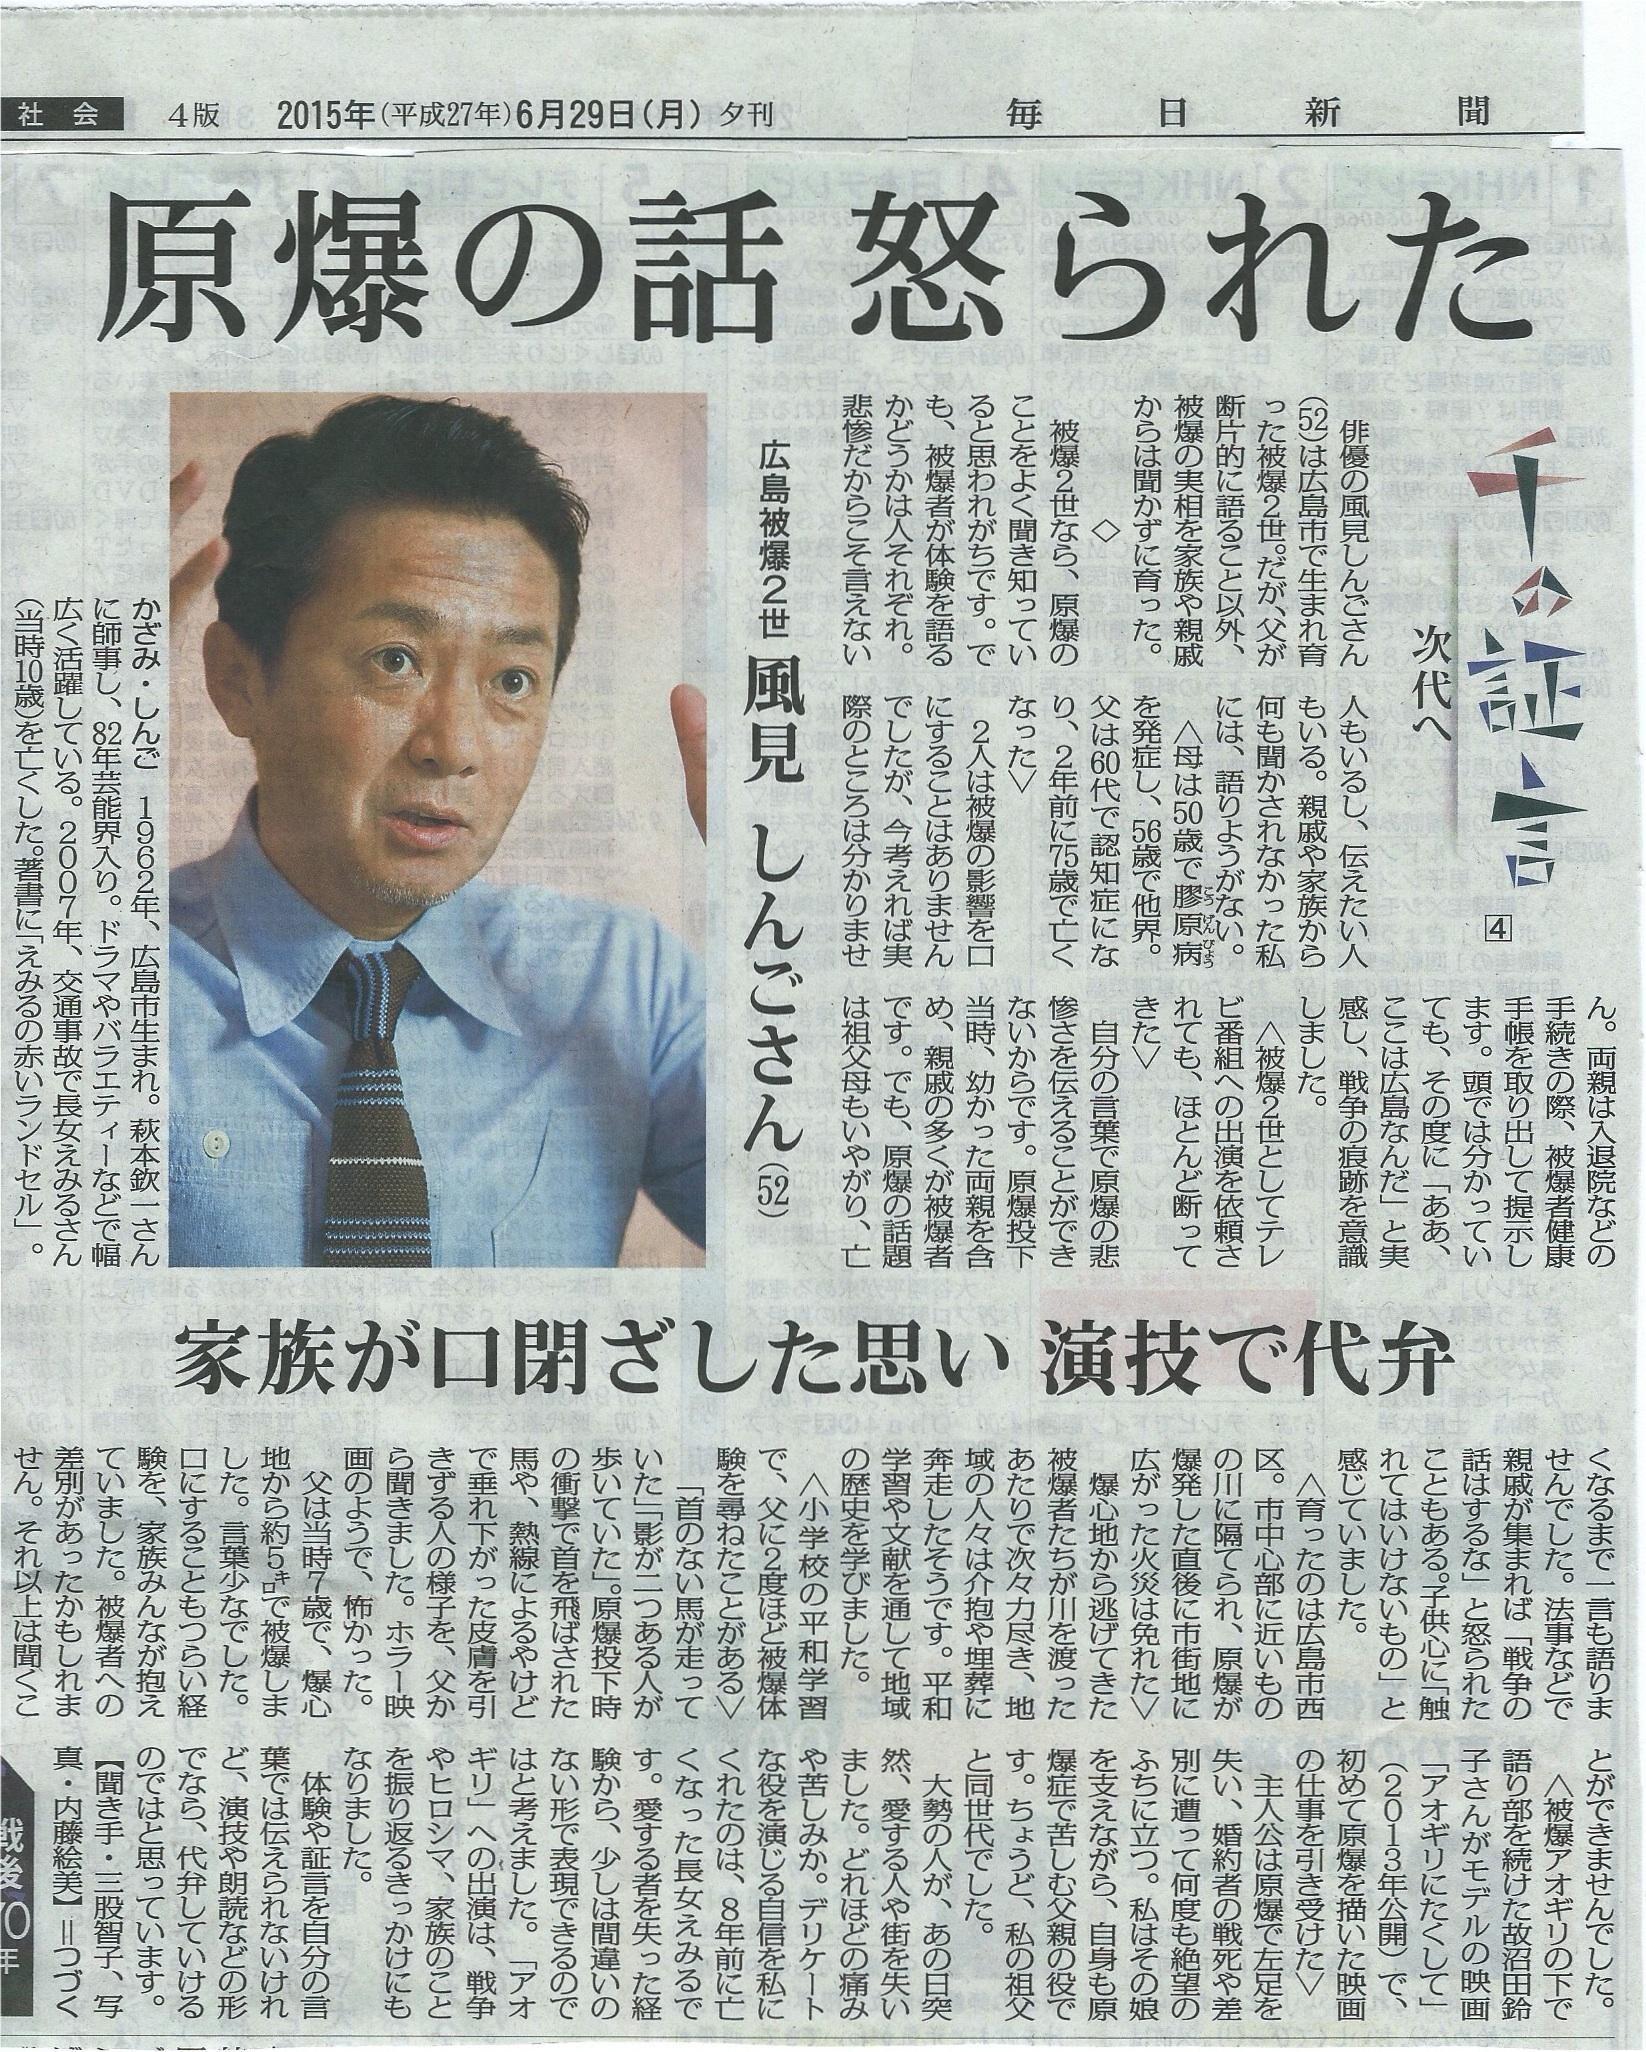 風見しんご毎日新聞2015.6.29